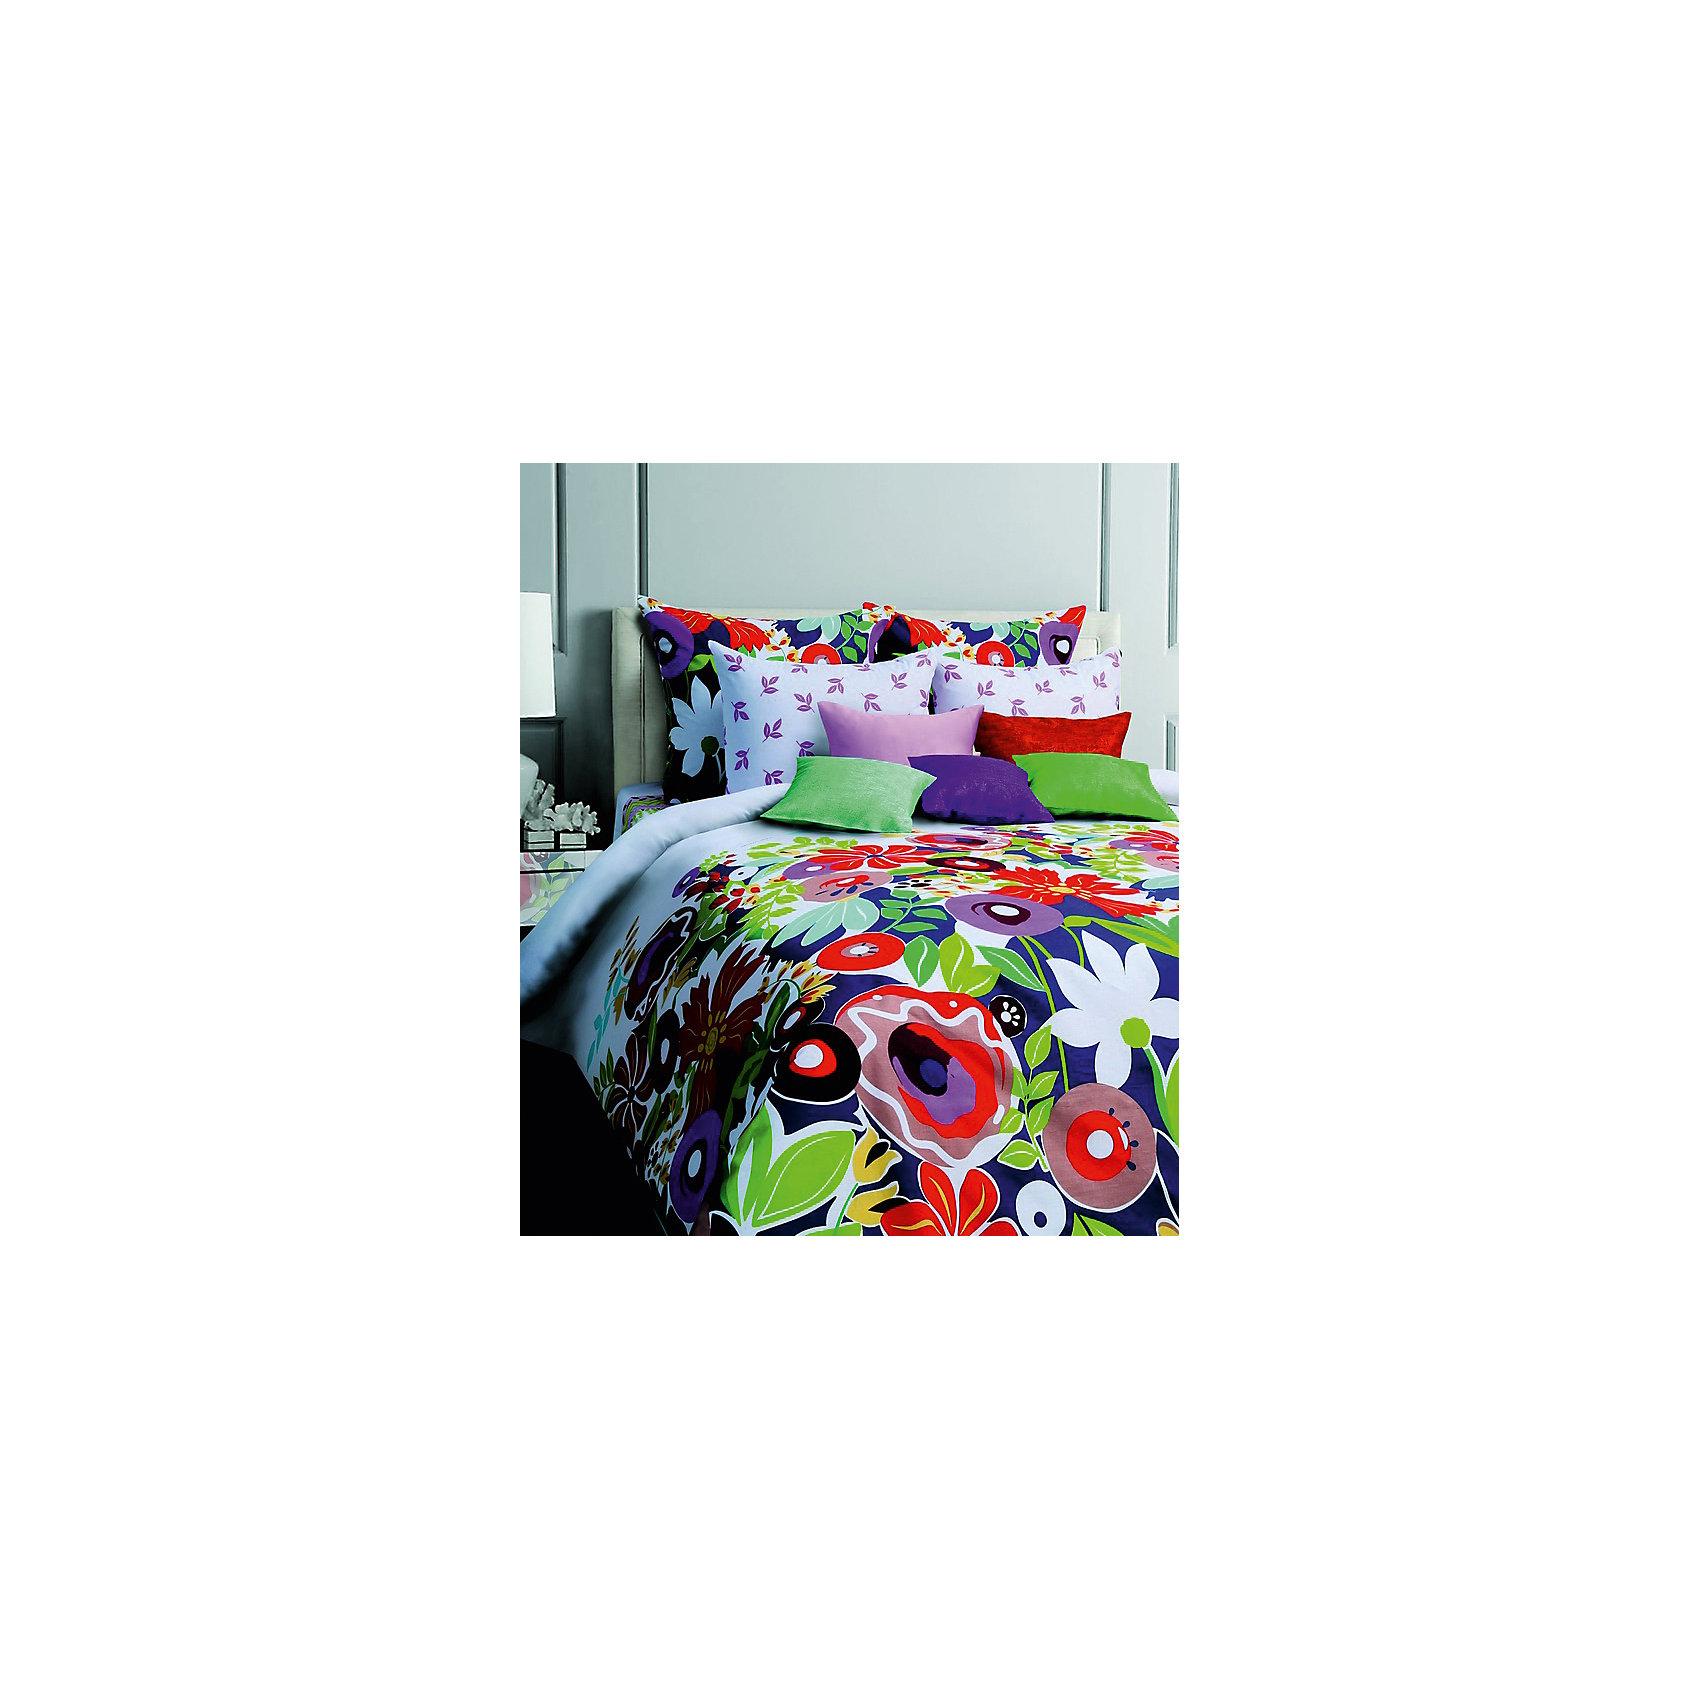 Постельное белье Pampiny, 1,5-спальный, 50*70, Mona LizaХарактеристики:<br><br>• Вид домашнего текстиля: постельное белье<br>• Тип постельного белья по размерам: 1,5 сп<br>• Серия: Mona Liza Classic<br>• Сезон: круглый год<br>• Материал: бязь <br>• Цвет: красный, бордовый, синий, зеленый, белый, голубой<br>• Комплектация: <br> пододеяльник на пуговицах– 1 шт. 145*210 см <br> простынь – 1 шт. 150*215 см<br> наволочки – 2 шт. (50*70 см)<br>• Тип упаковки: книжка <br>• Вес в упаковке: 1 кг 600 г<br>• Особенности ухода: машинная стирка при температуре 30 градусов<br><br>Постельное белье 1,5сп Pampiny 50*70, Mona Liza изготовлено под отечественным торговым брендом, выпускающим постельное белье из натуральных тканей. Комплект выполнен из 100 % бязи, отличающейся высокими характеристиками не только прочности самого полотна, но и устойчивости окраски, которая выполняется по особой технологии. Комплектсостоит из 4-х предметов. Постельное белье выполнено в стильном дизайне из россыпи фантазийных цветов. <br>Постельное белье 1,5сп Pampiny 50*70, Mona Liza – домашний текстиль, соответствующий международным стандартам качества и безопасности!<br><br>Постельное белье 1,5сп Pampiny 50*70, Mona Liza можно купить в нашем интернет-магазине.<br><br>Ширина мм: 290<br>Глубина мм: 70<br>Высота мм: 370<br>Вес г: 1400<br>Возраст от месяцев: 84<br>Возраст до месяцев: 216<br>Пол: Женский<br>Возраст: Детский<br>SKU: 5165676